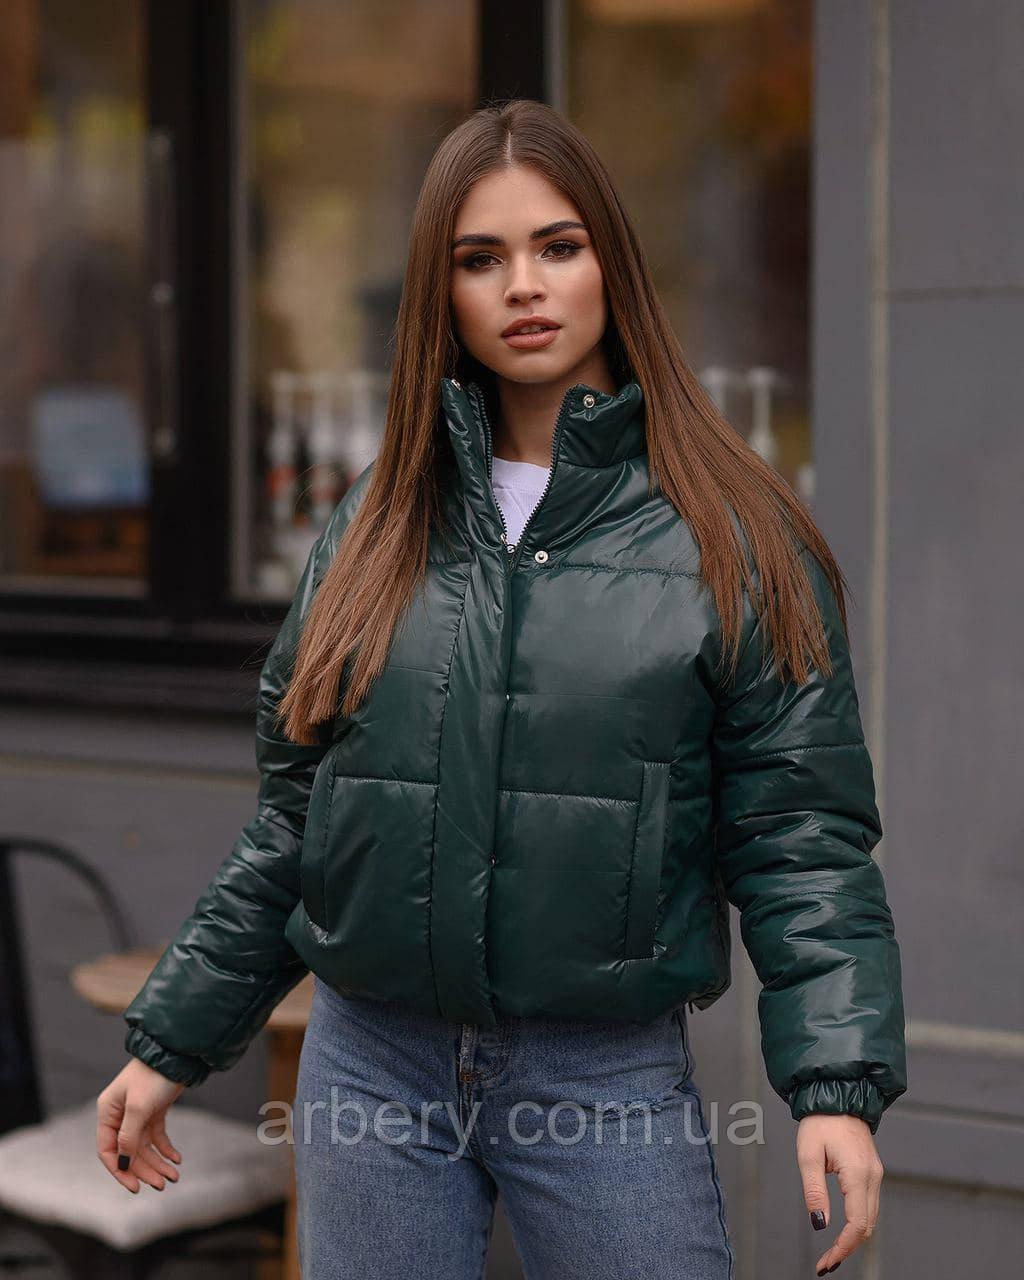 Женская демисезонная стильная куртка